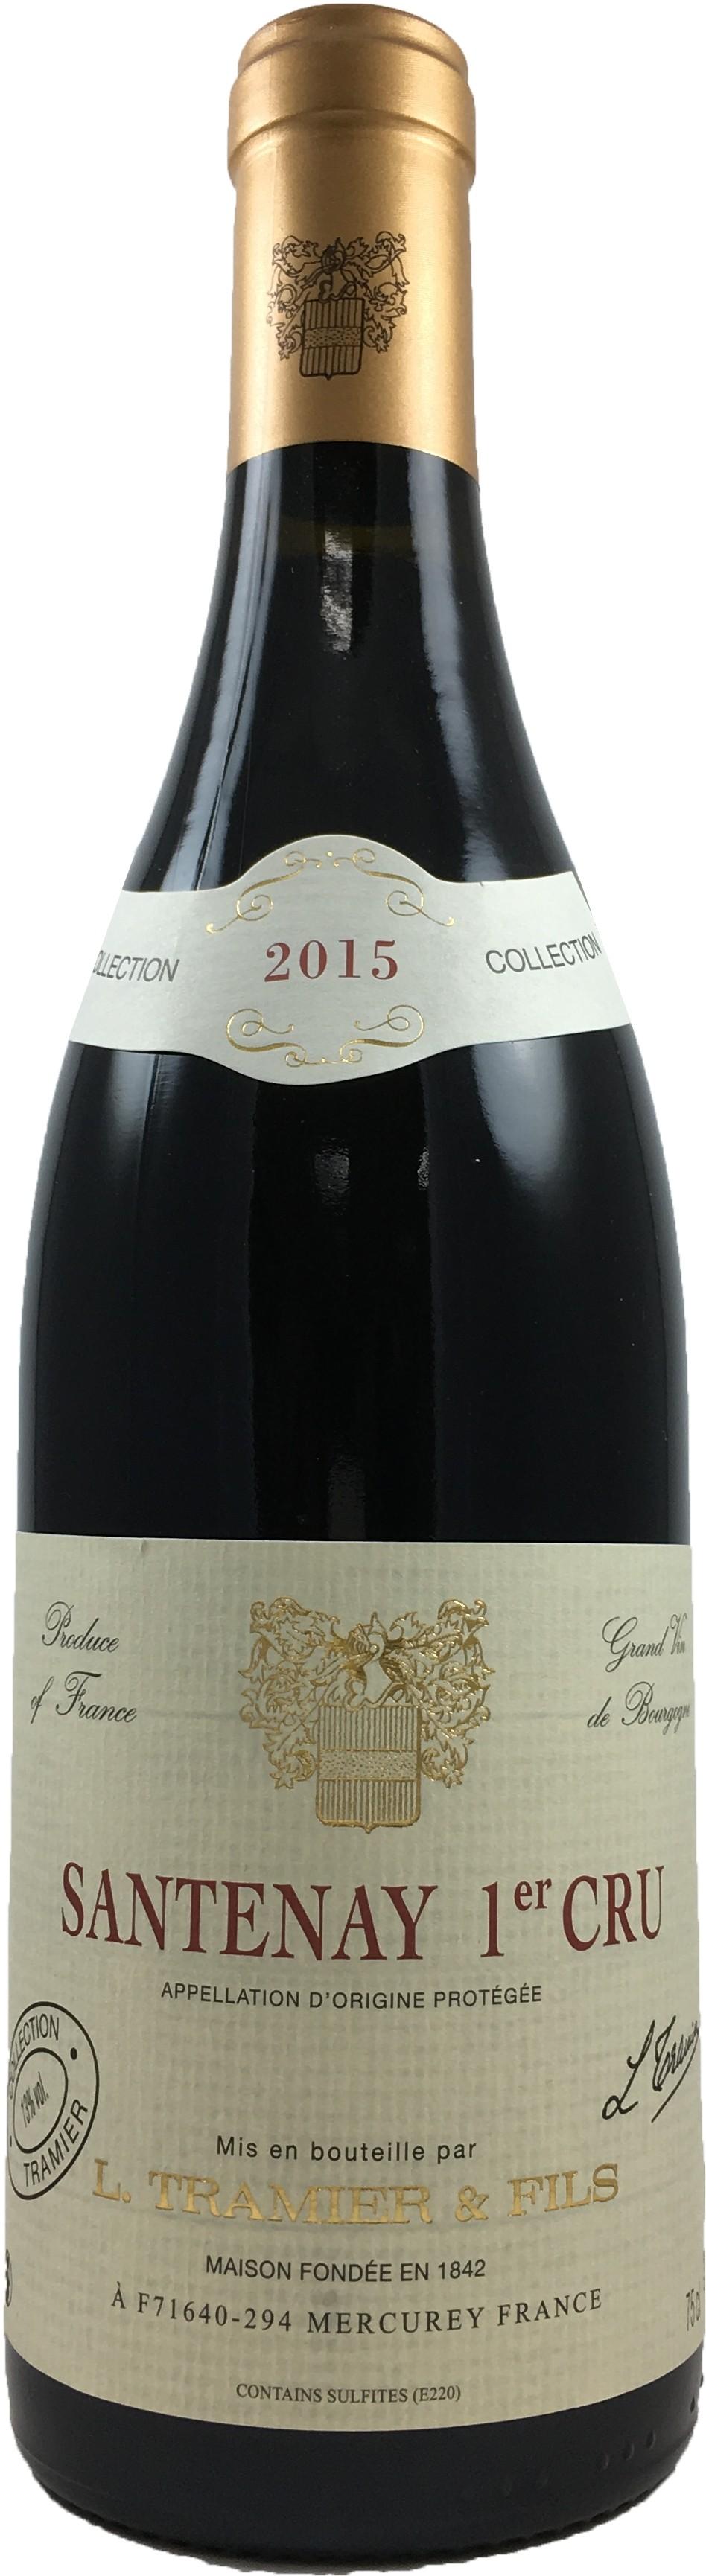 法國 鉈尼酒莊 勃艮地桑塔尼一級園2015 紅葡萄酒